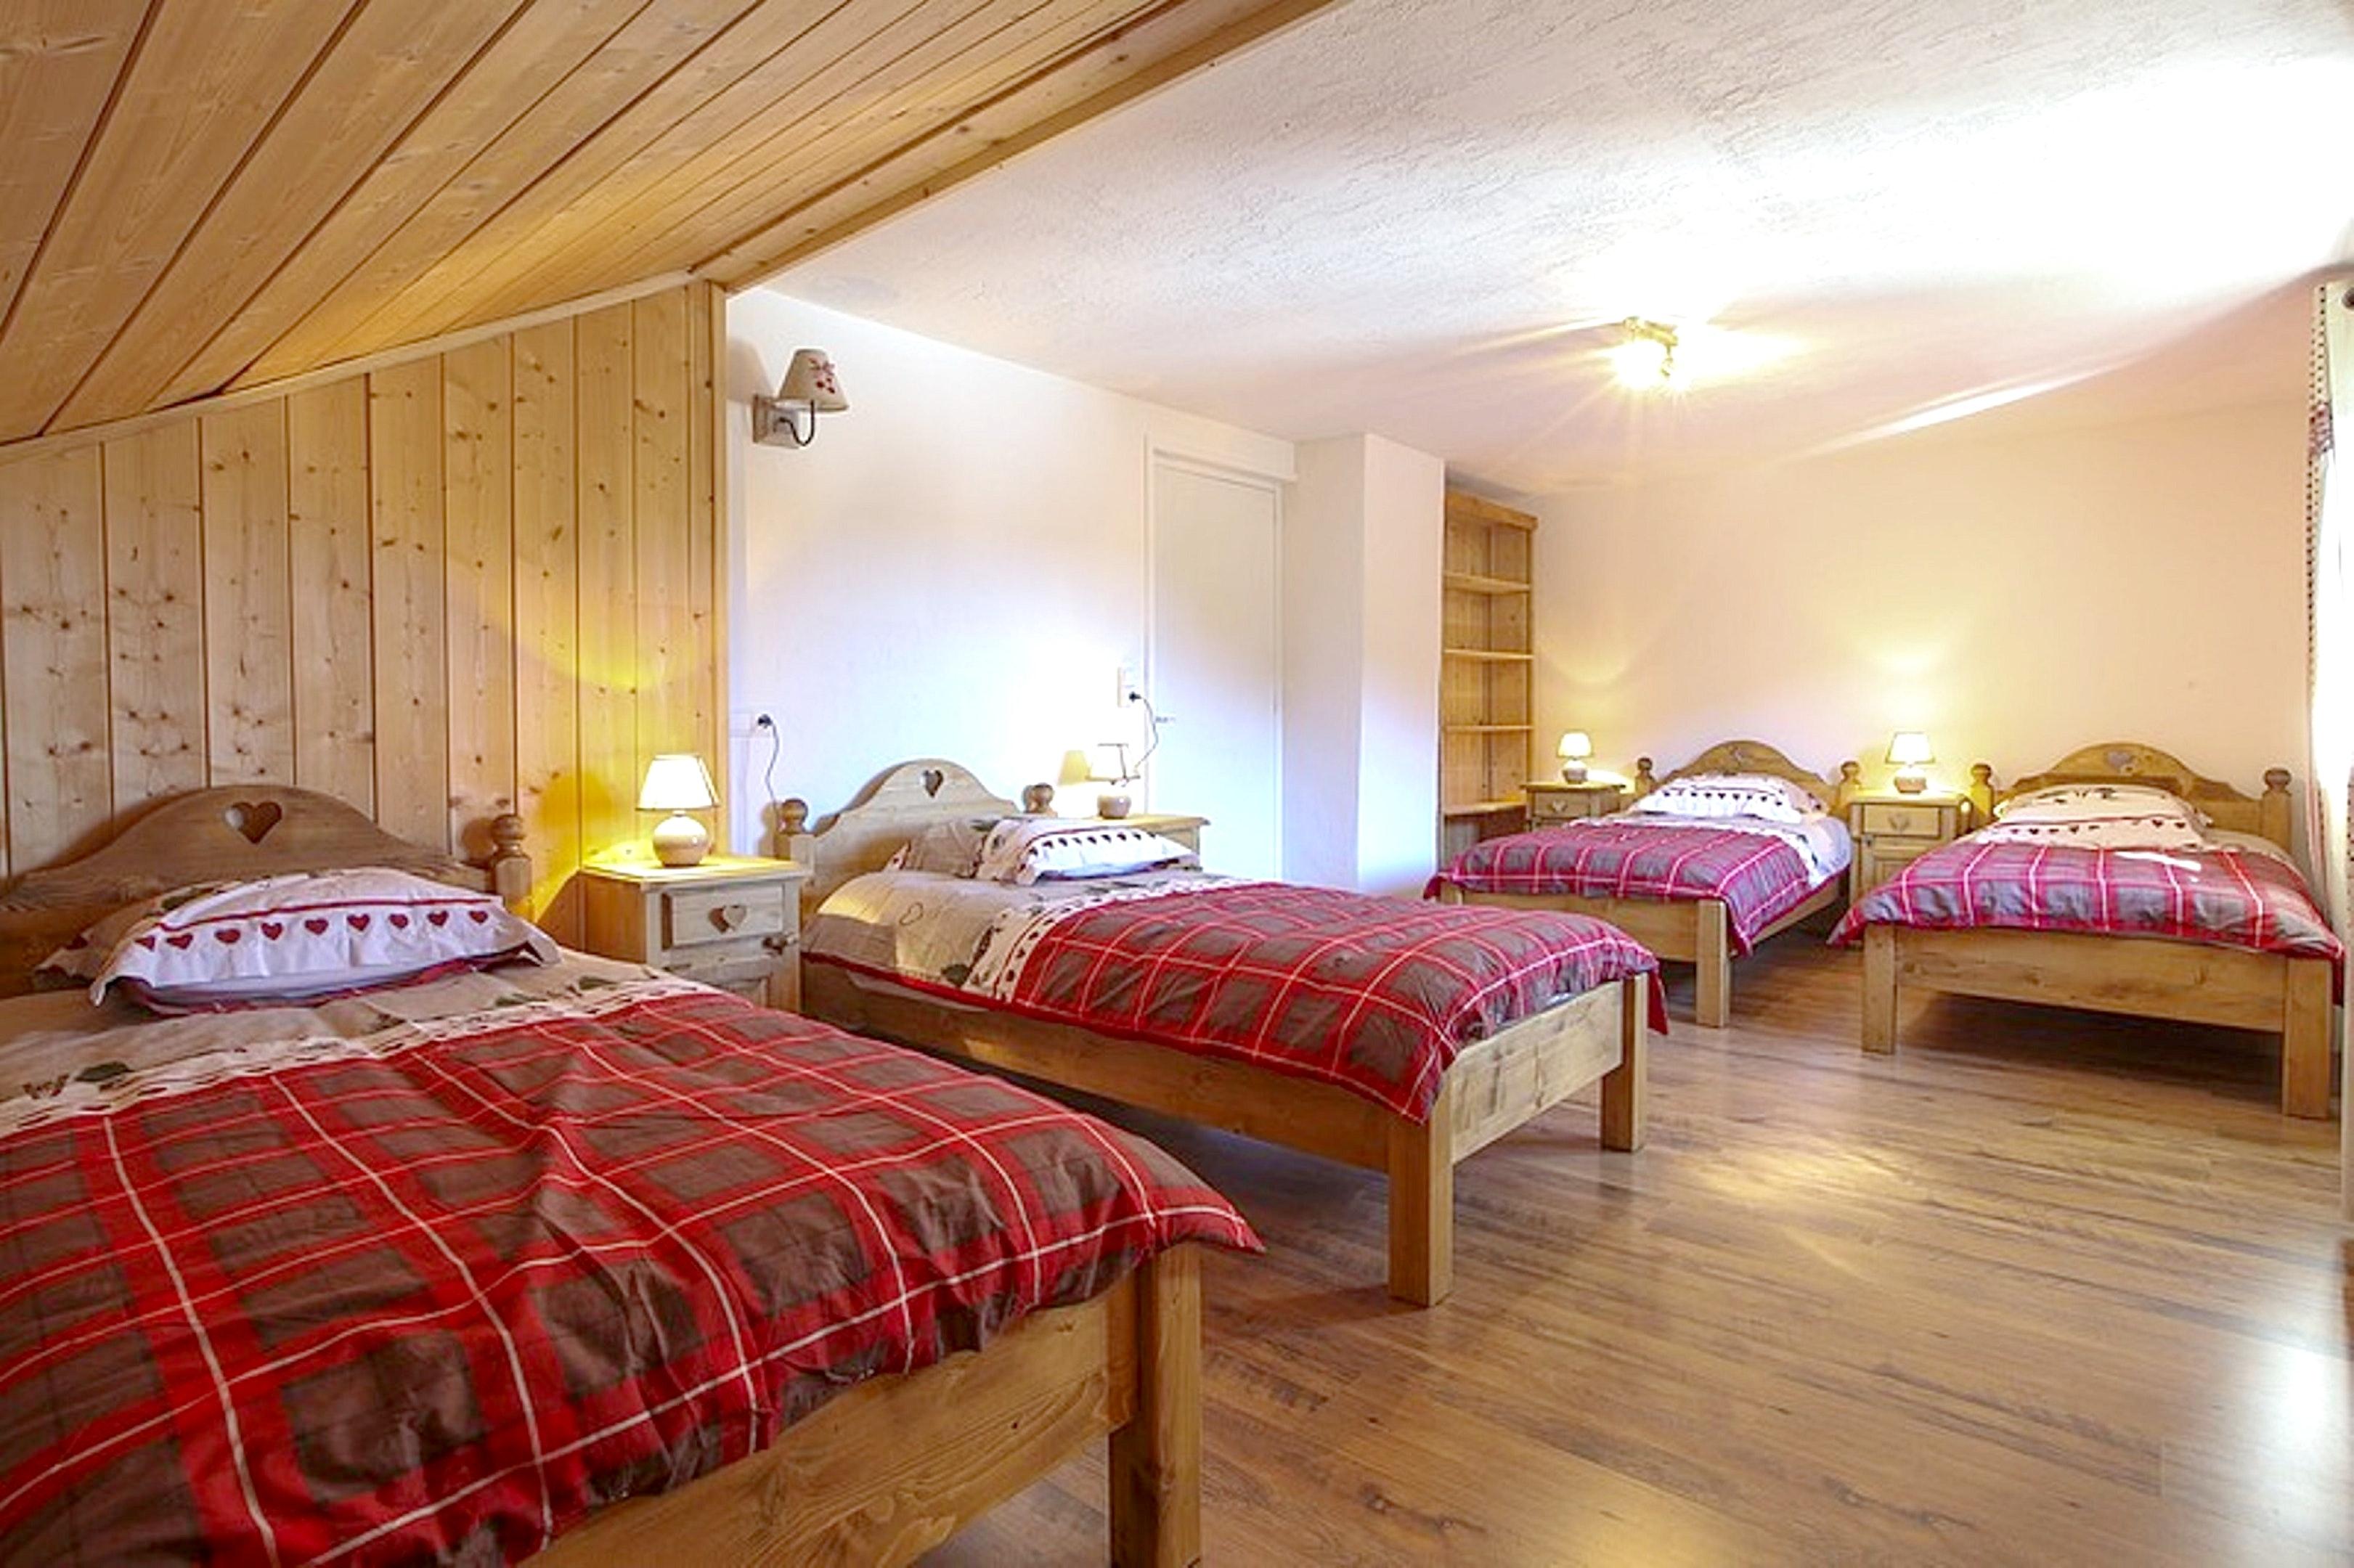 Maison de vacances Hütte mit 7 Schlafzimmern in Les Moussières mit toller Aussicht auf die Berge, möblierter  (2677371), Les Moussières, Jura, Franche-Comté, France, image 7